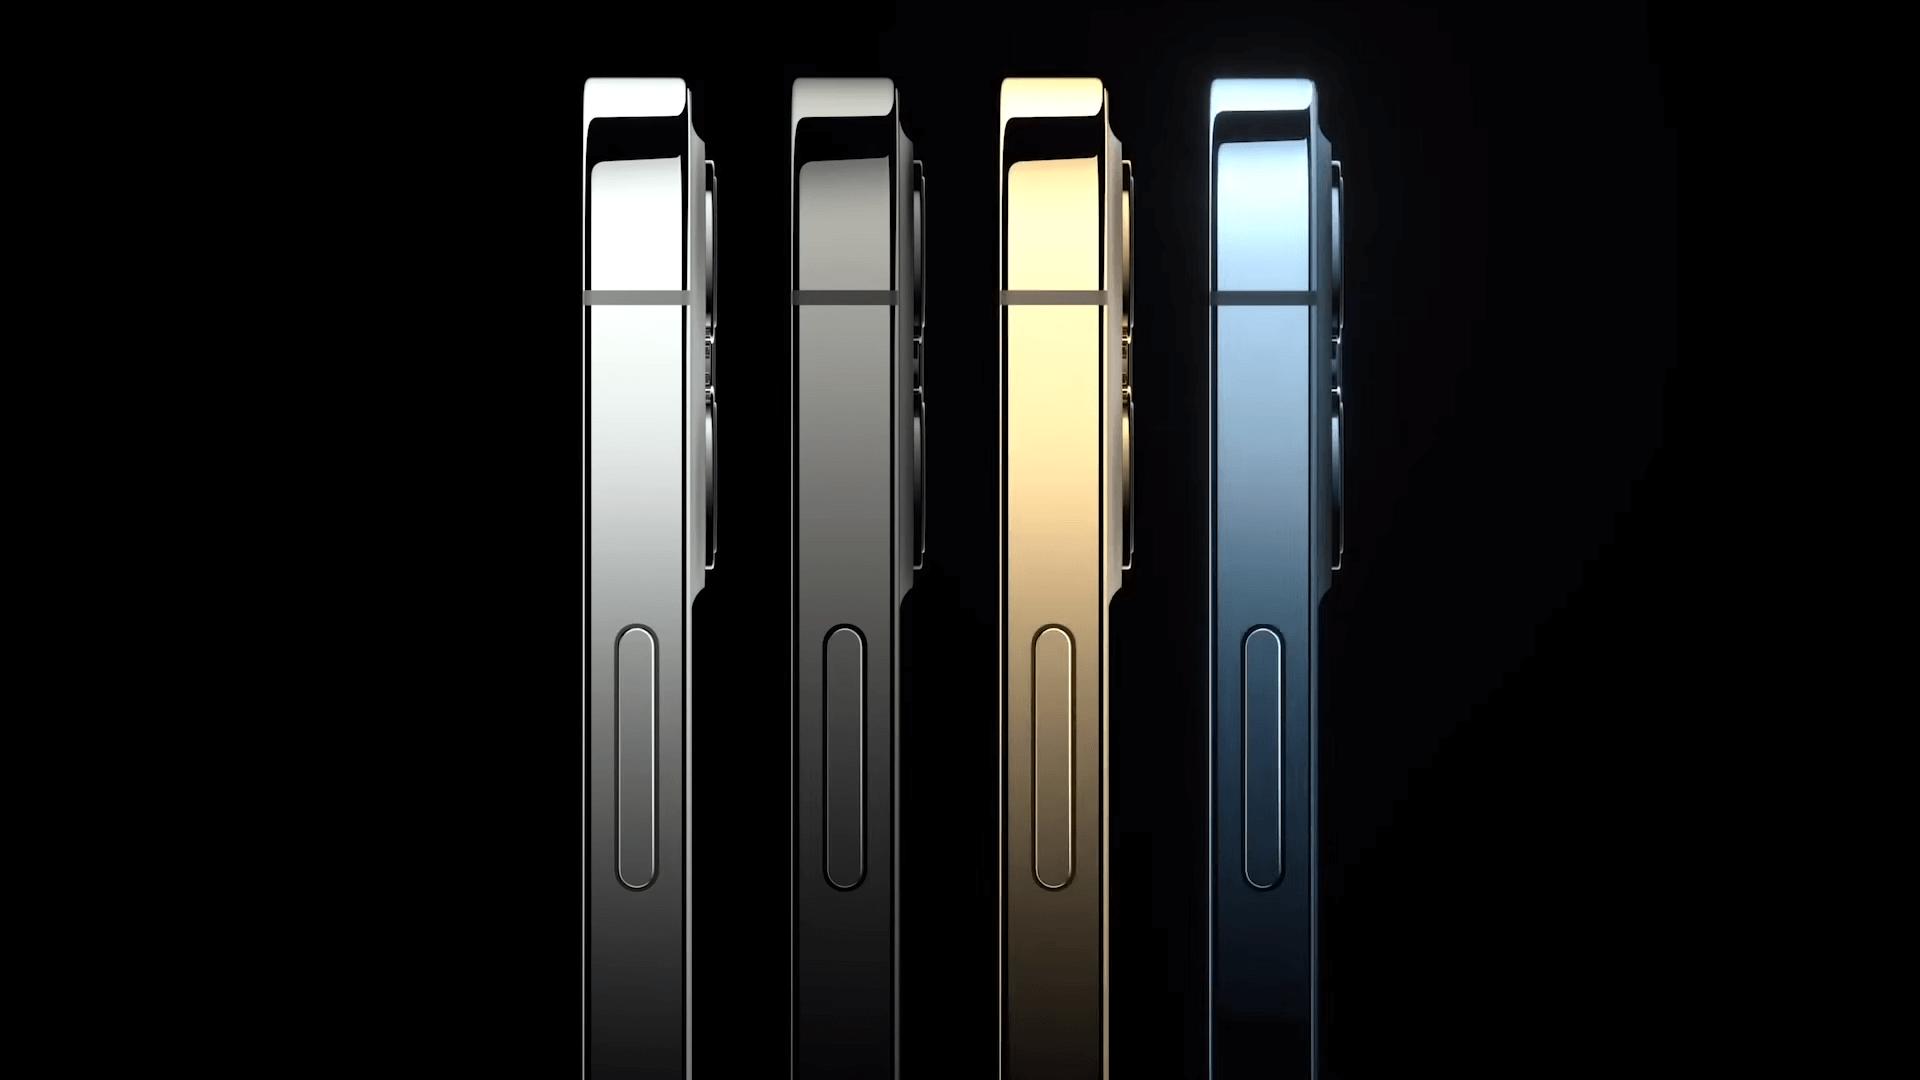 4 цвета. В довесок к банальным добавили новый золотой и синий.